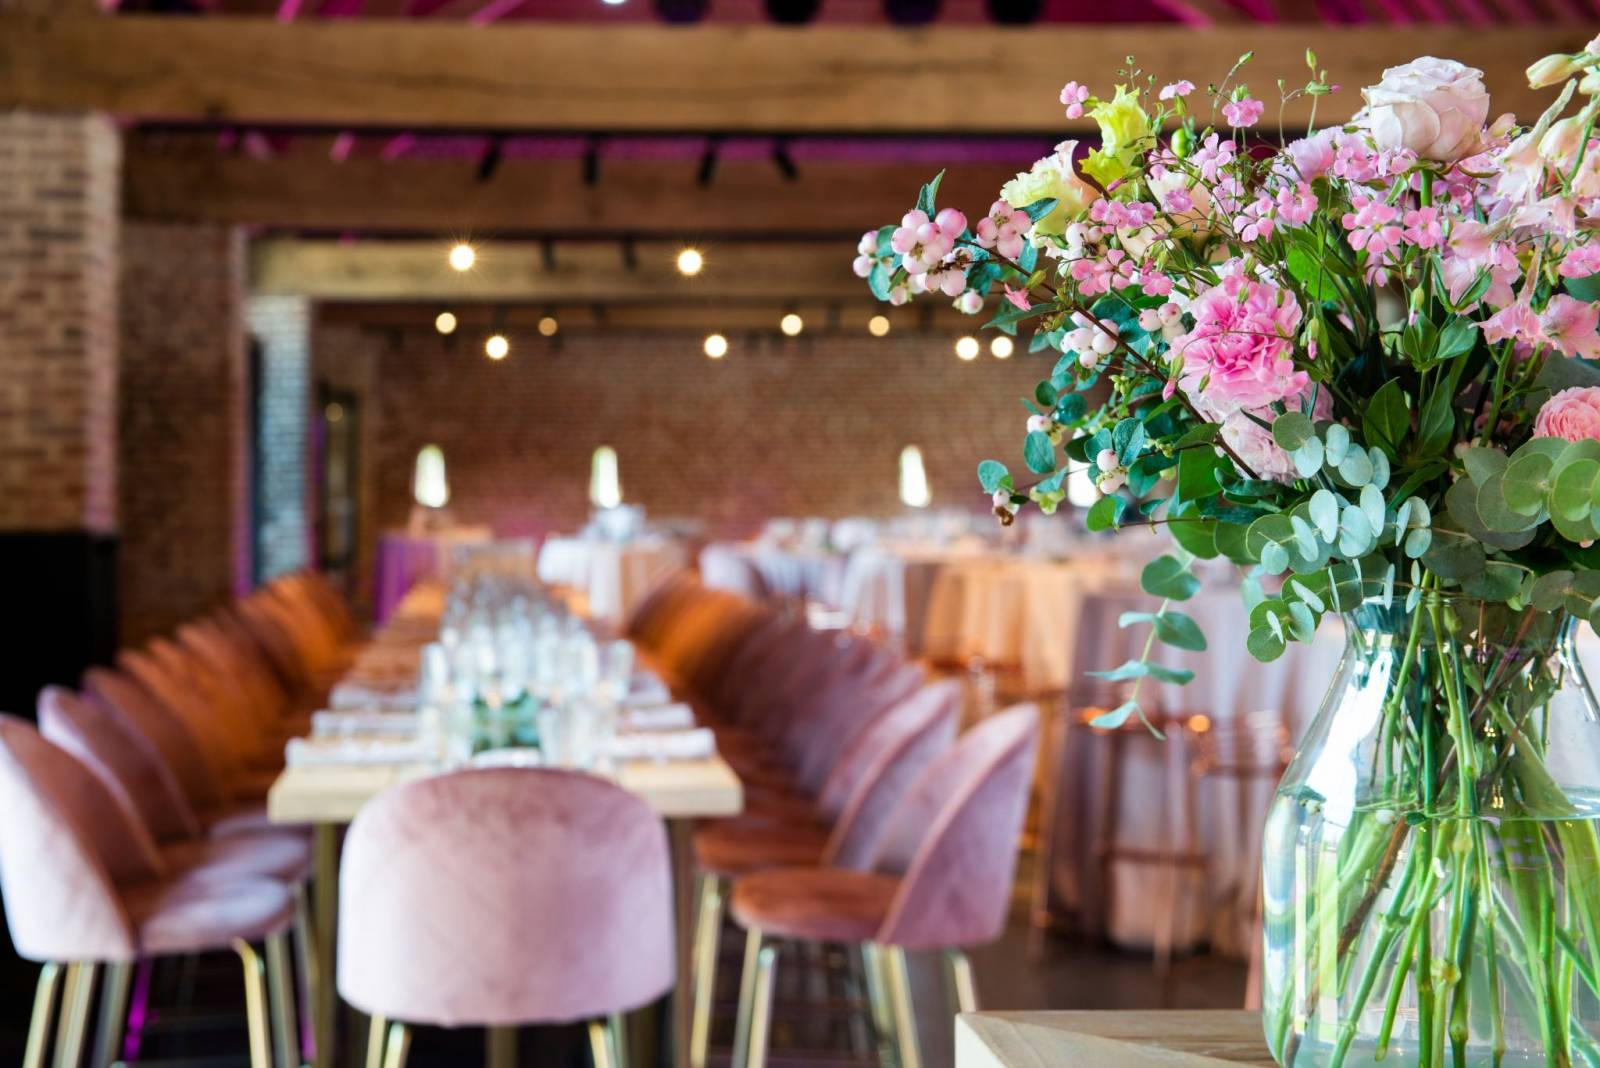 Verona roze, capri naturel poot goud - hoeve de blauwpoorte